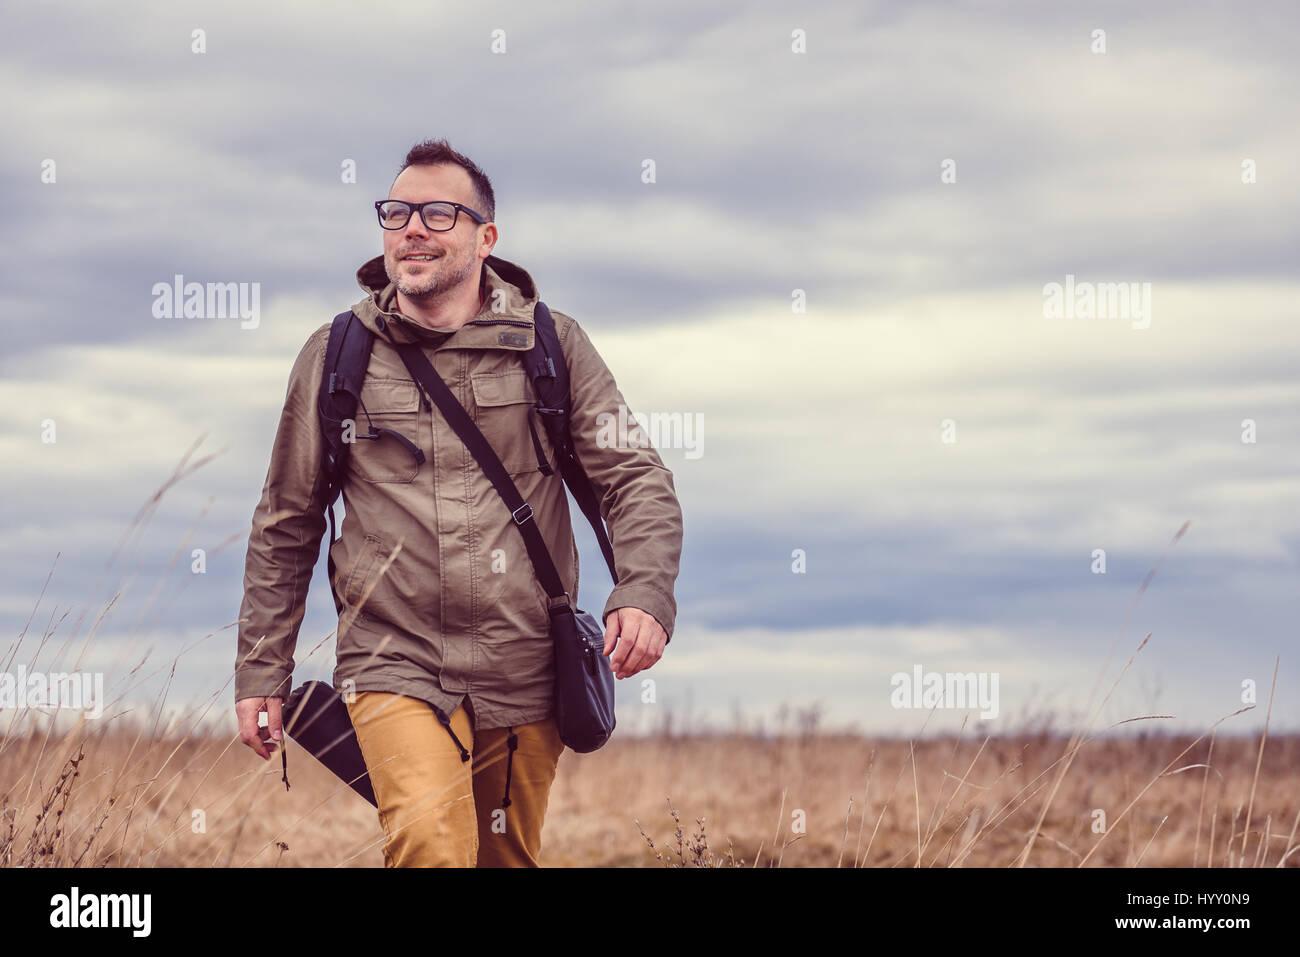 Randonneur marchant dans l'herbage dans un jour nuageux Photo Stock